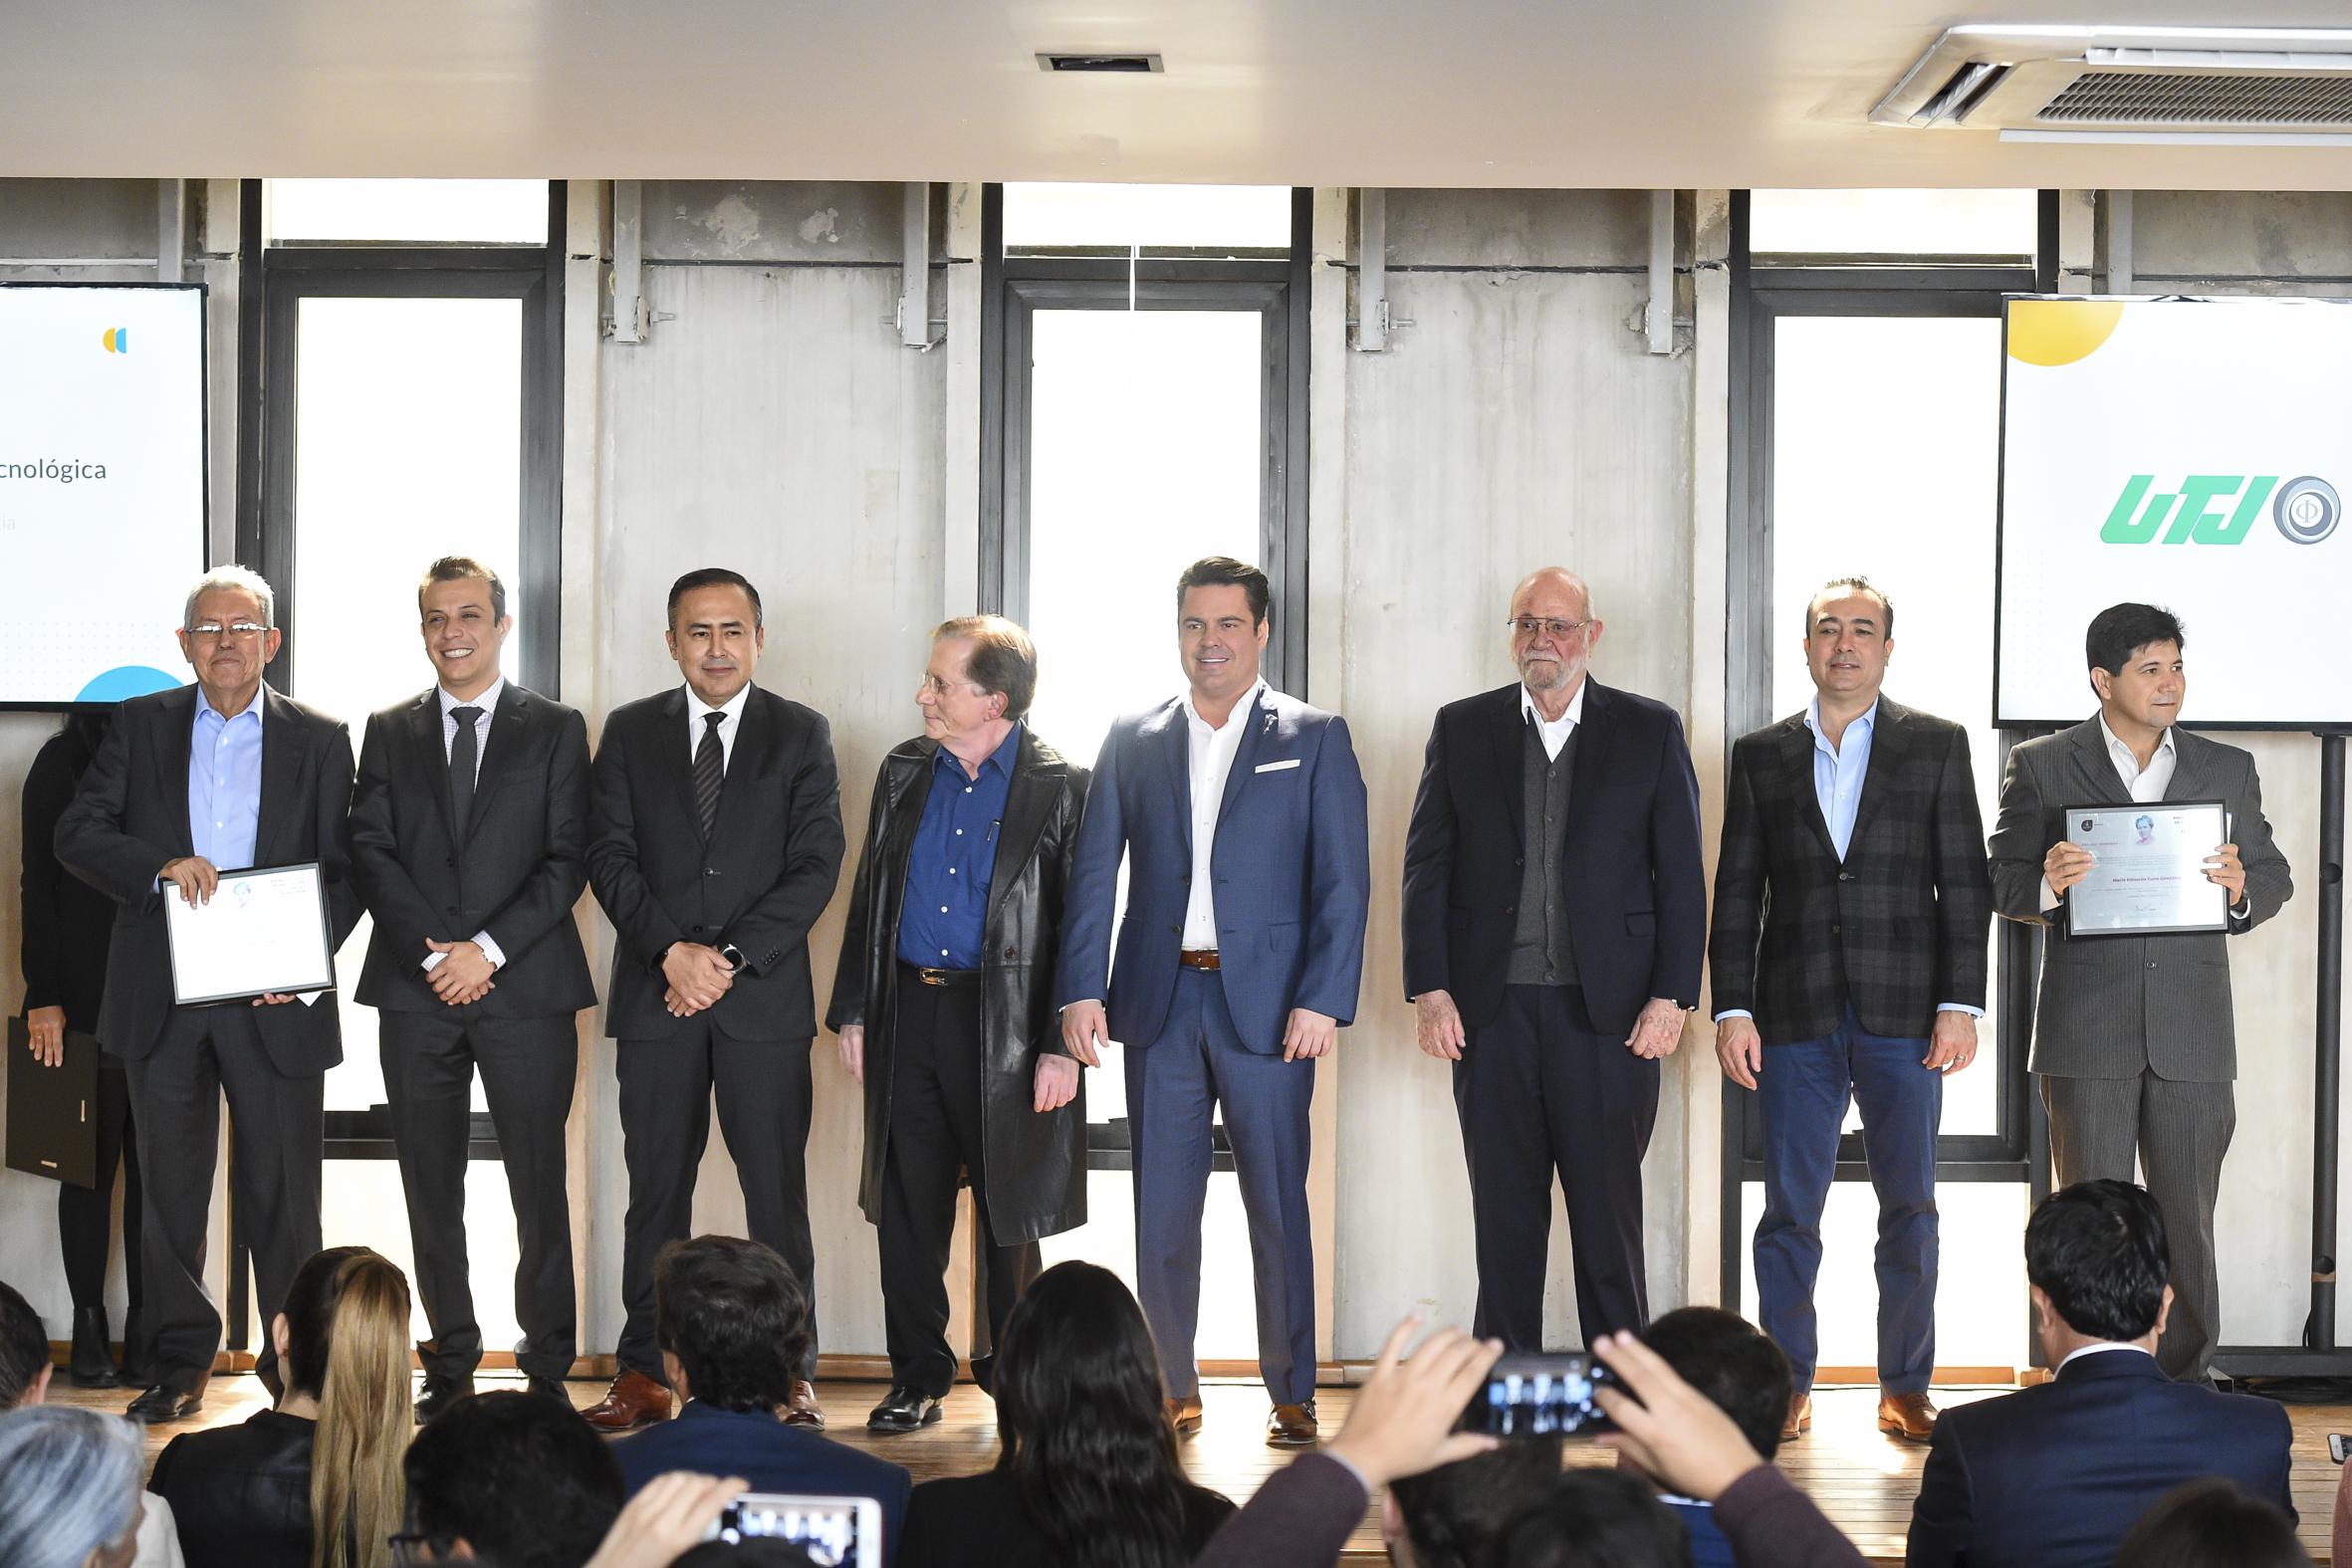 Funcionarios de Gobierno posando para la foto con dos galardonados de UdeG